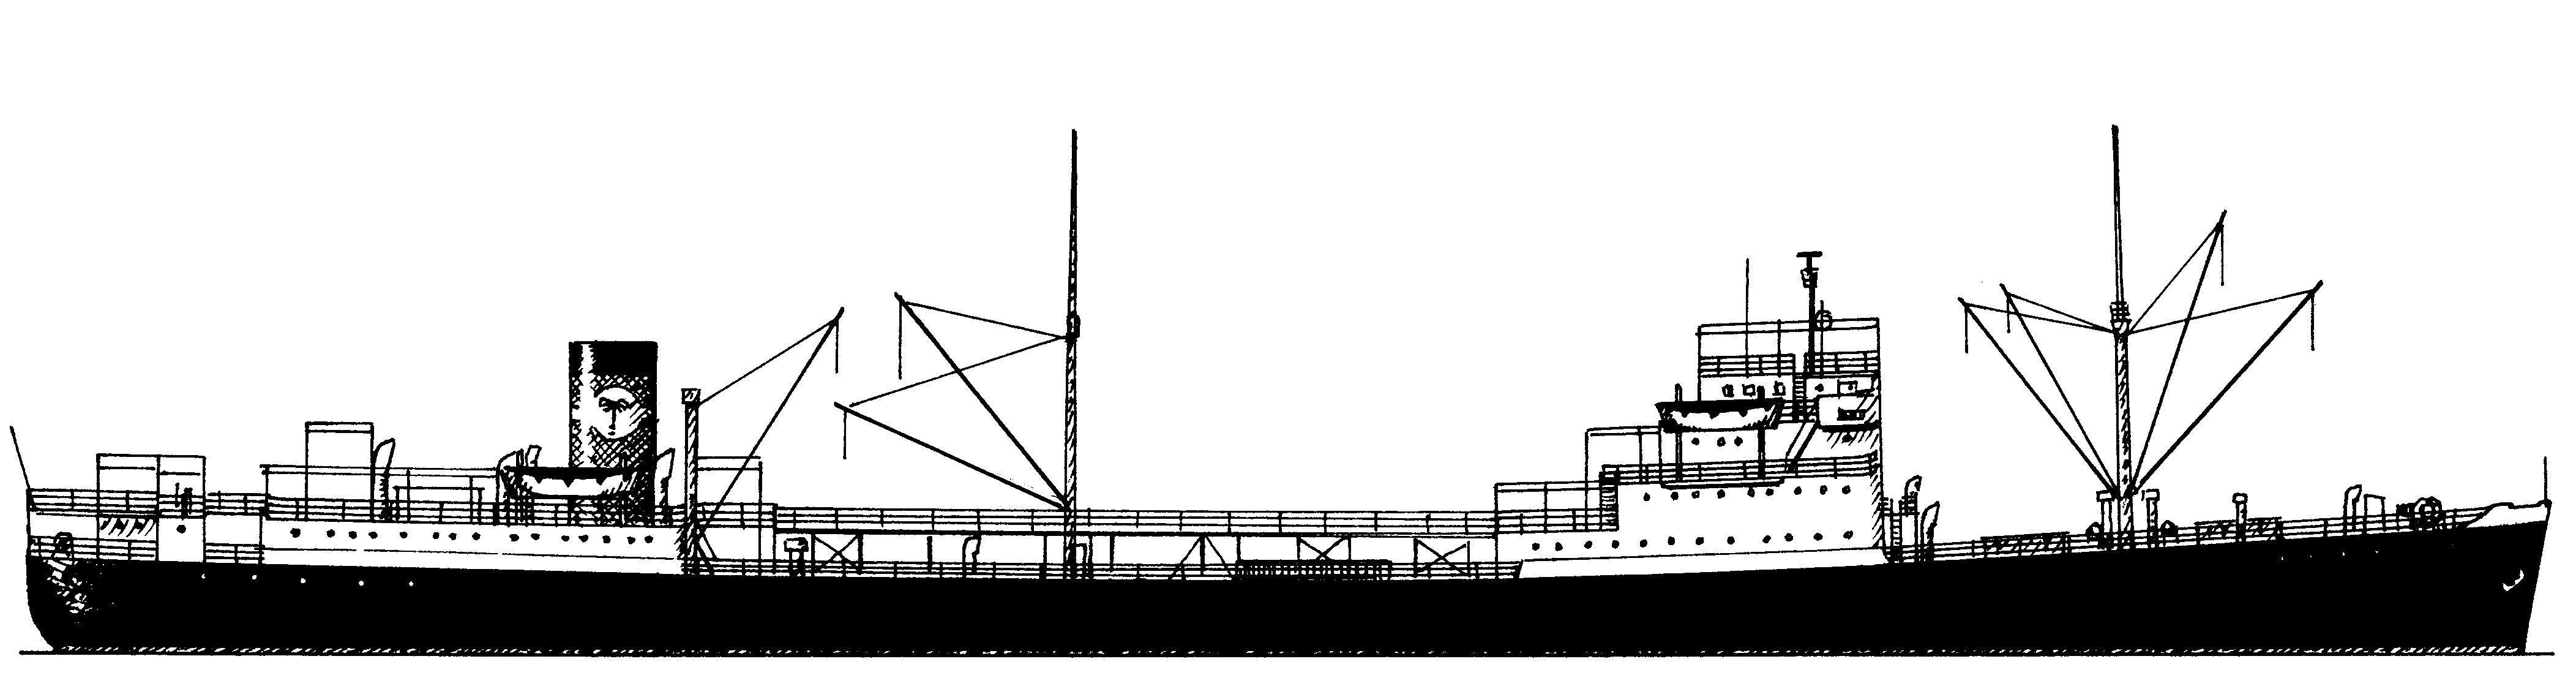 Tema Palm - 1953 AG Weser Seebeckwerft - Bremerhaven für Palm Line - London, UK (Zeichnung: K.K. Krüger-Kopiske)